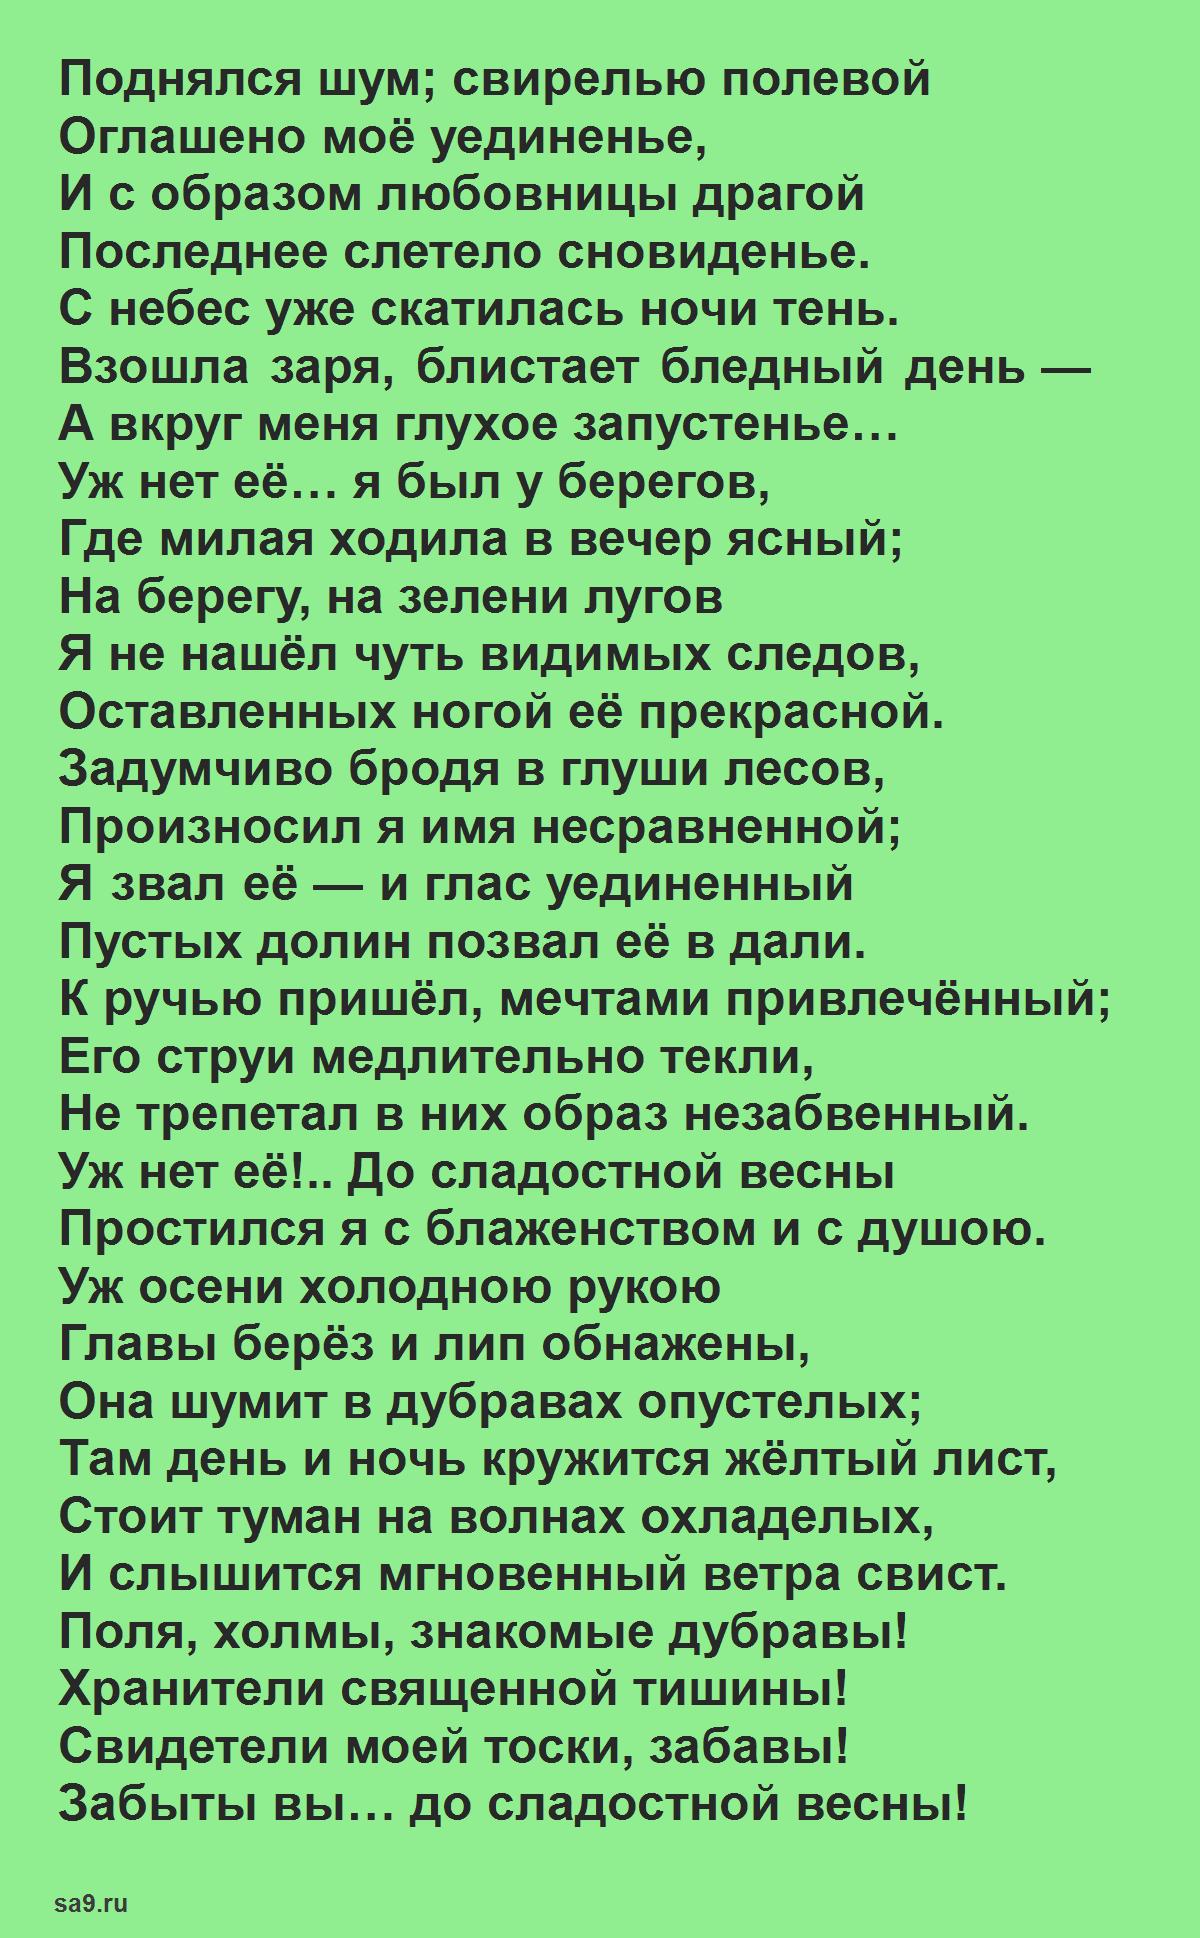 Красивые стихи о природе - Осеннее утро, Пушкин